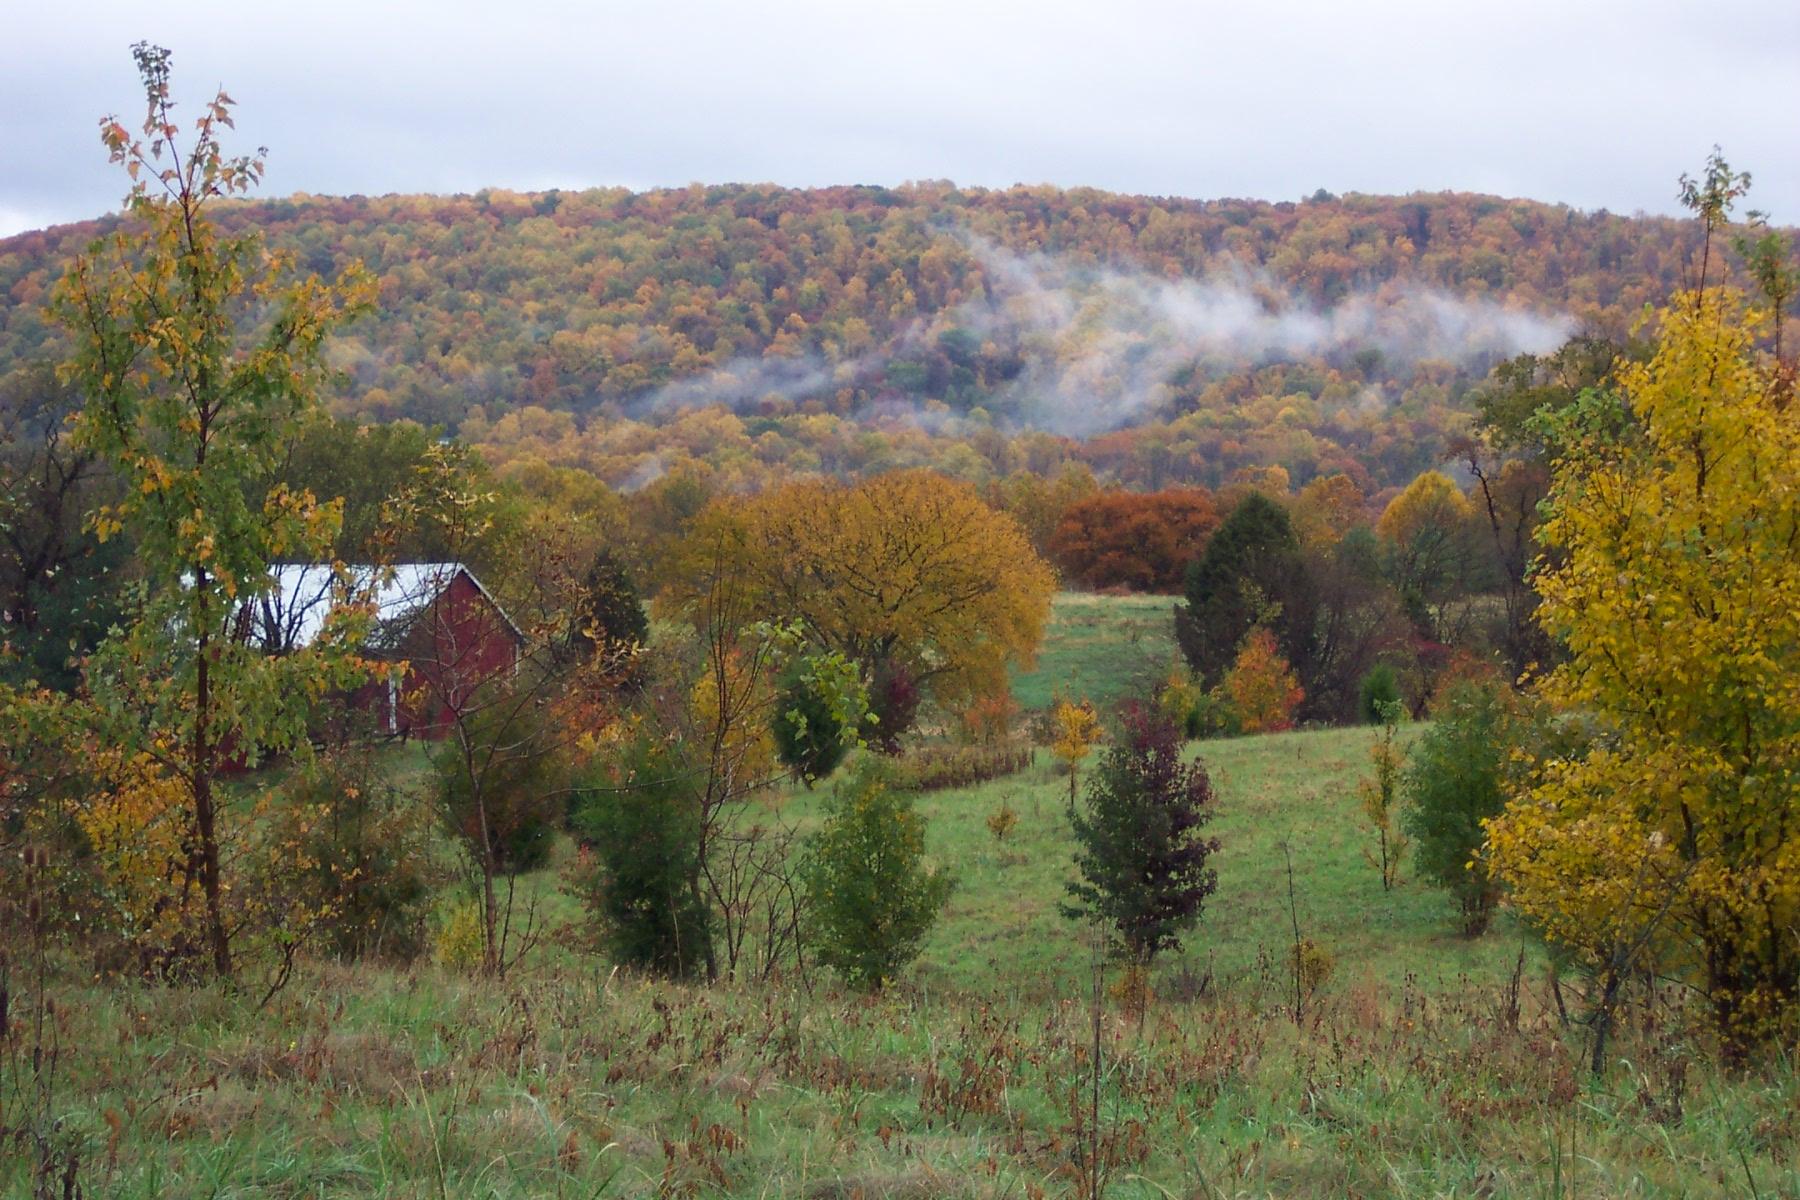 Mist over Furnace Mountain near Lovettsville, Loudoun County.